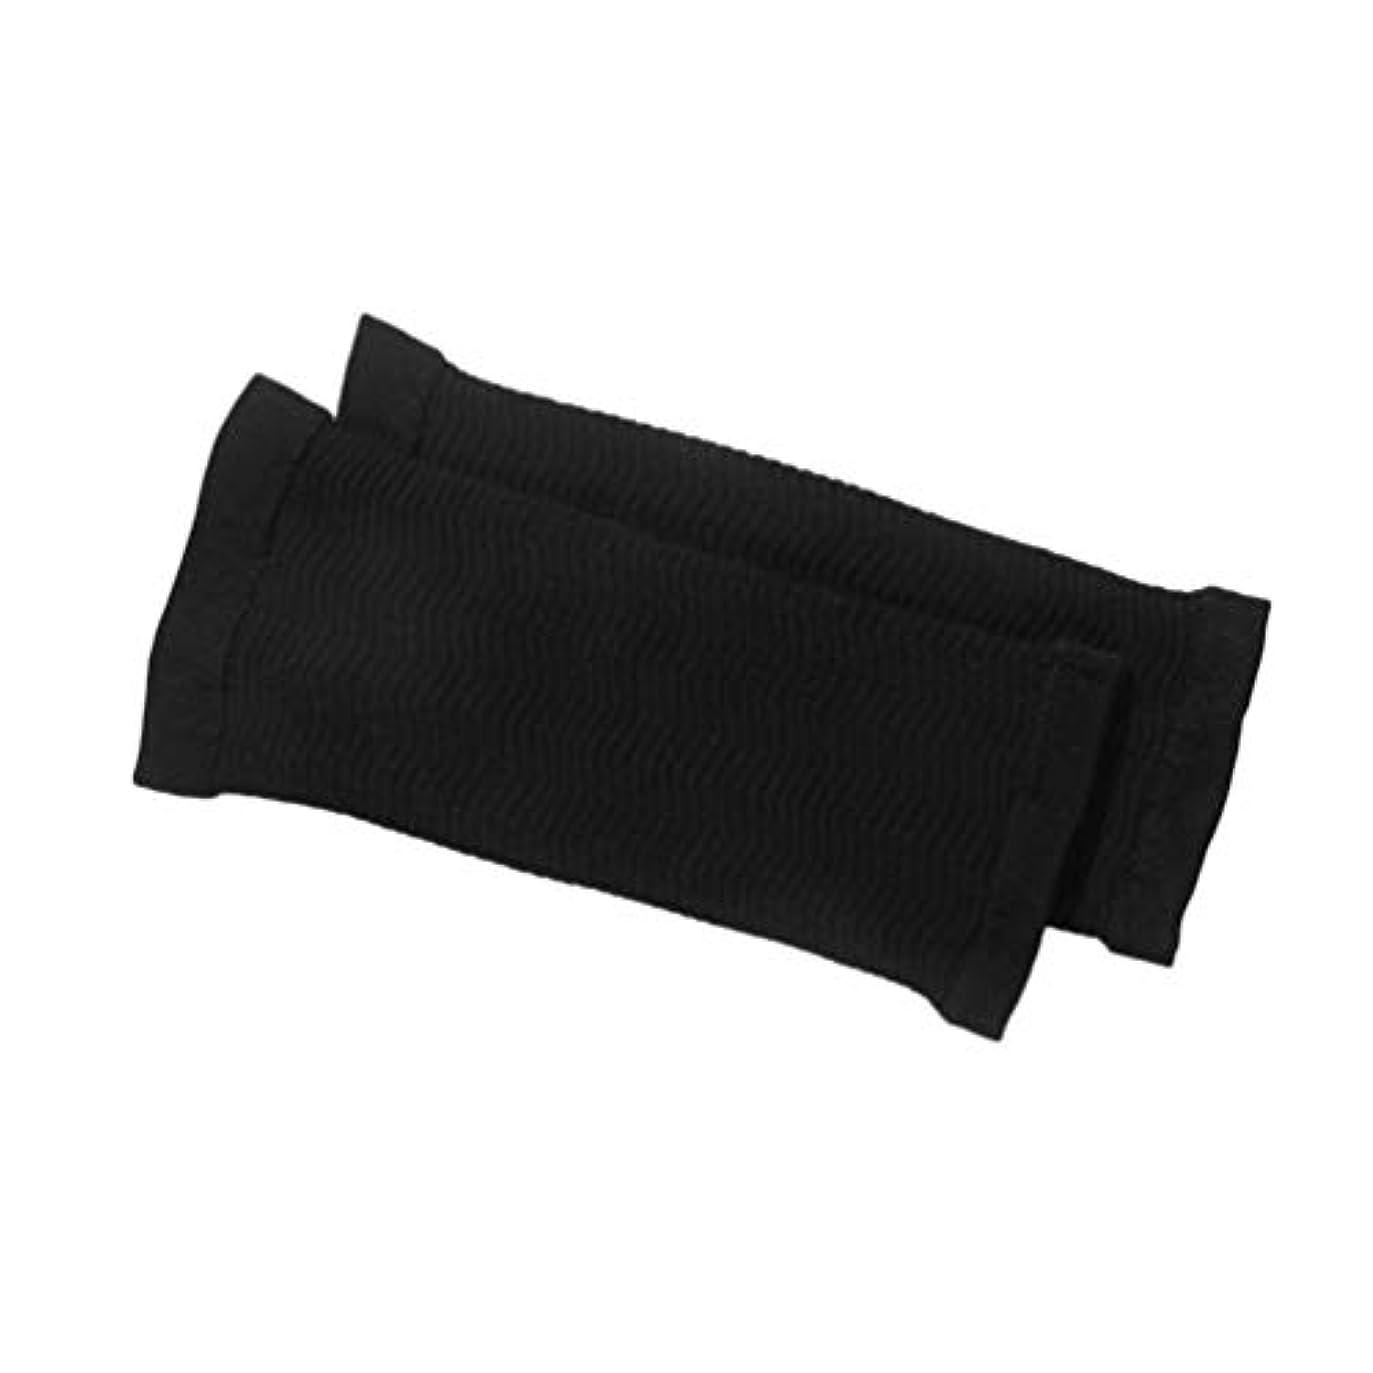 憲法心理的にレタッチ1ペア420 D圧縮痩身アームスリーブワークアウトトーニングバーンセルライトシェイパー脂肪燃焼袖用女性 - 黒